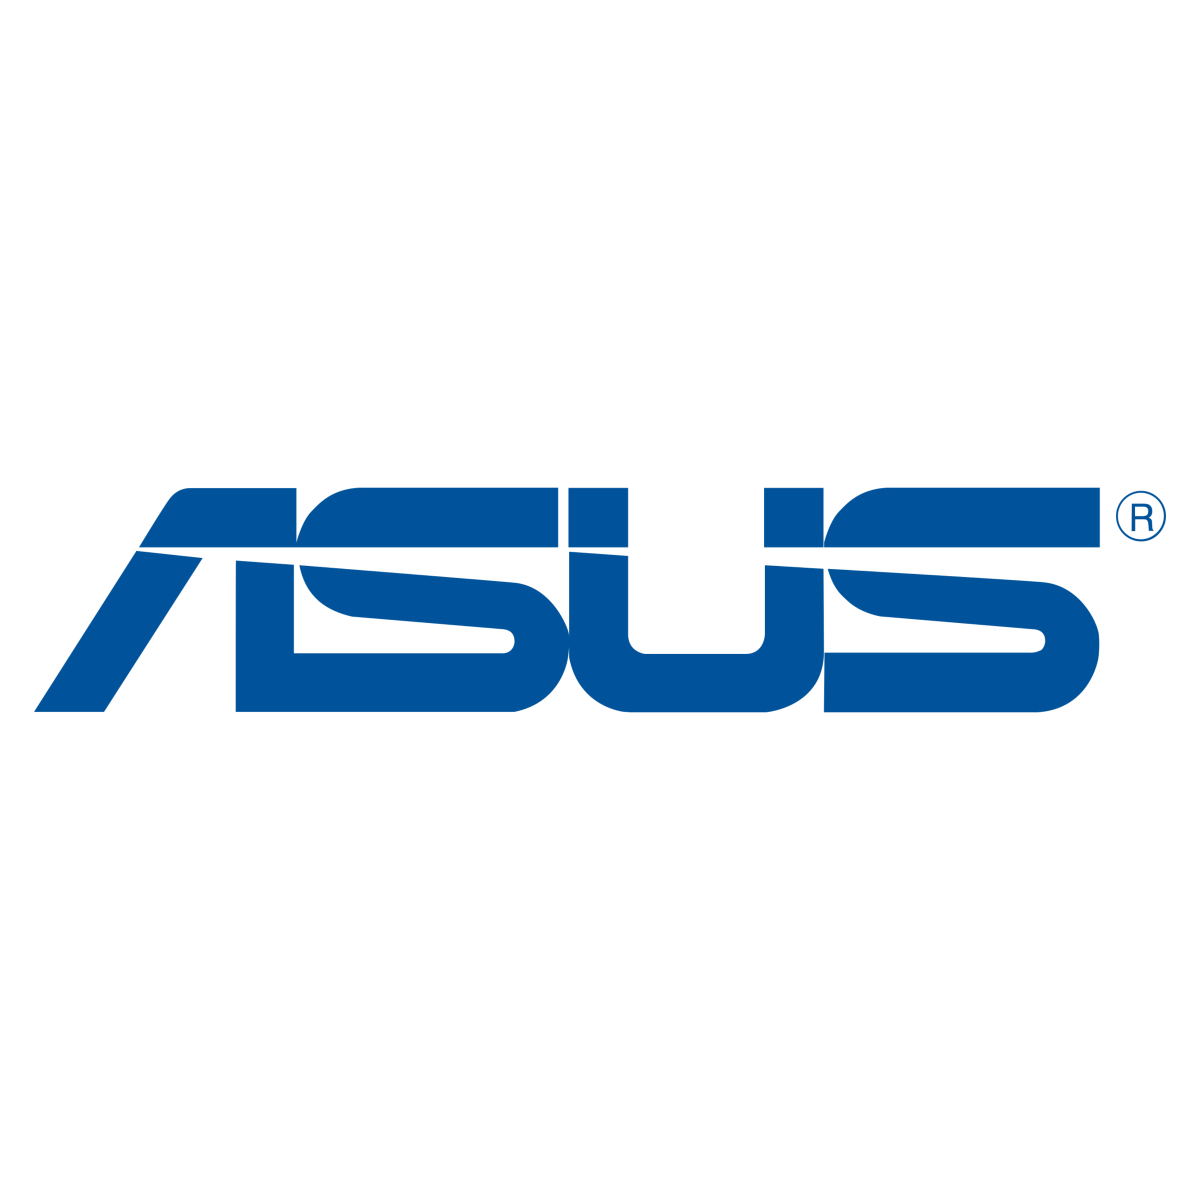 asus1_logo